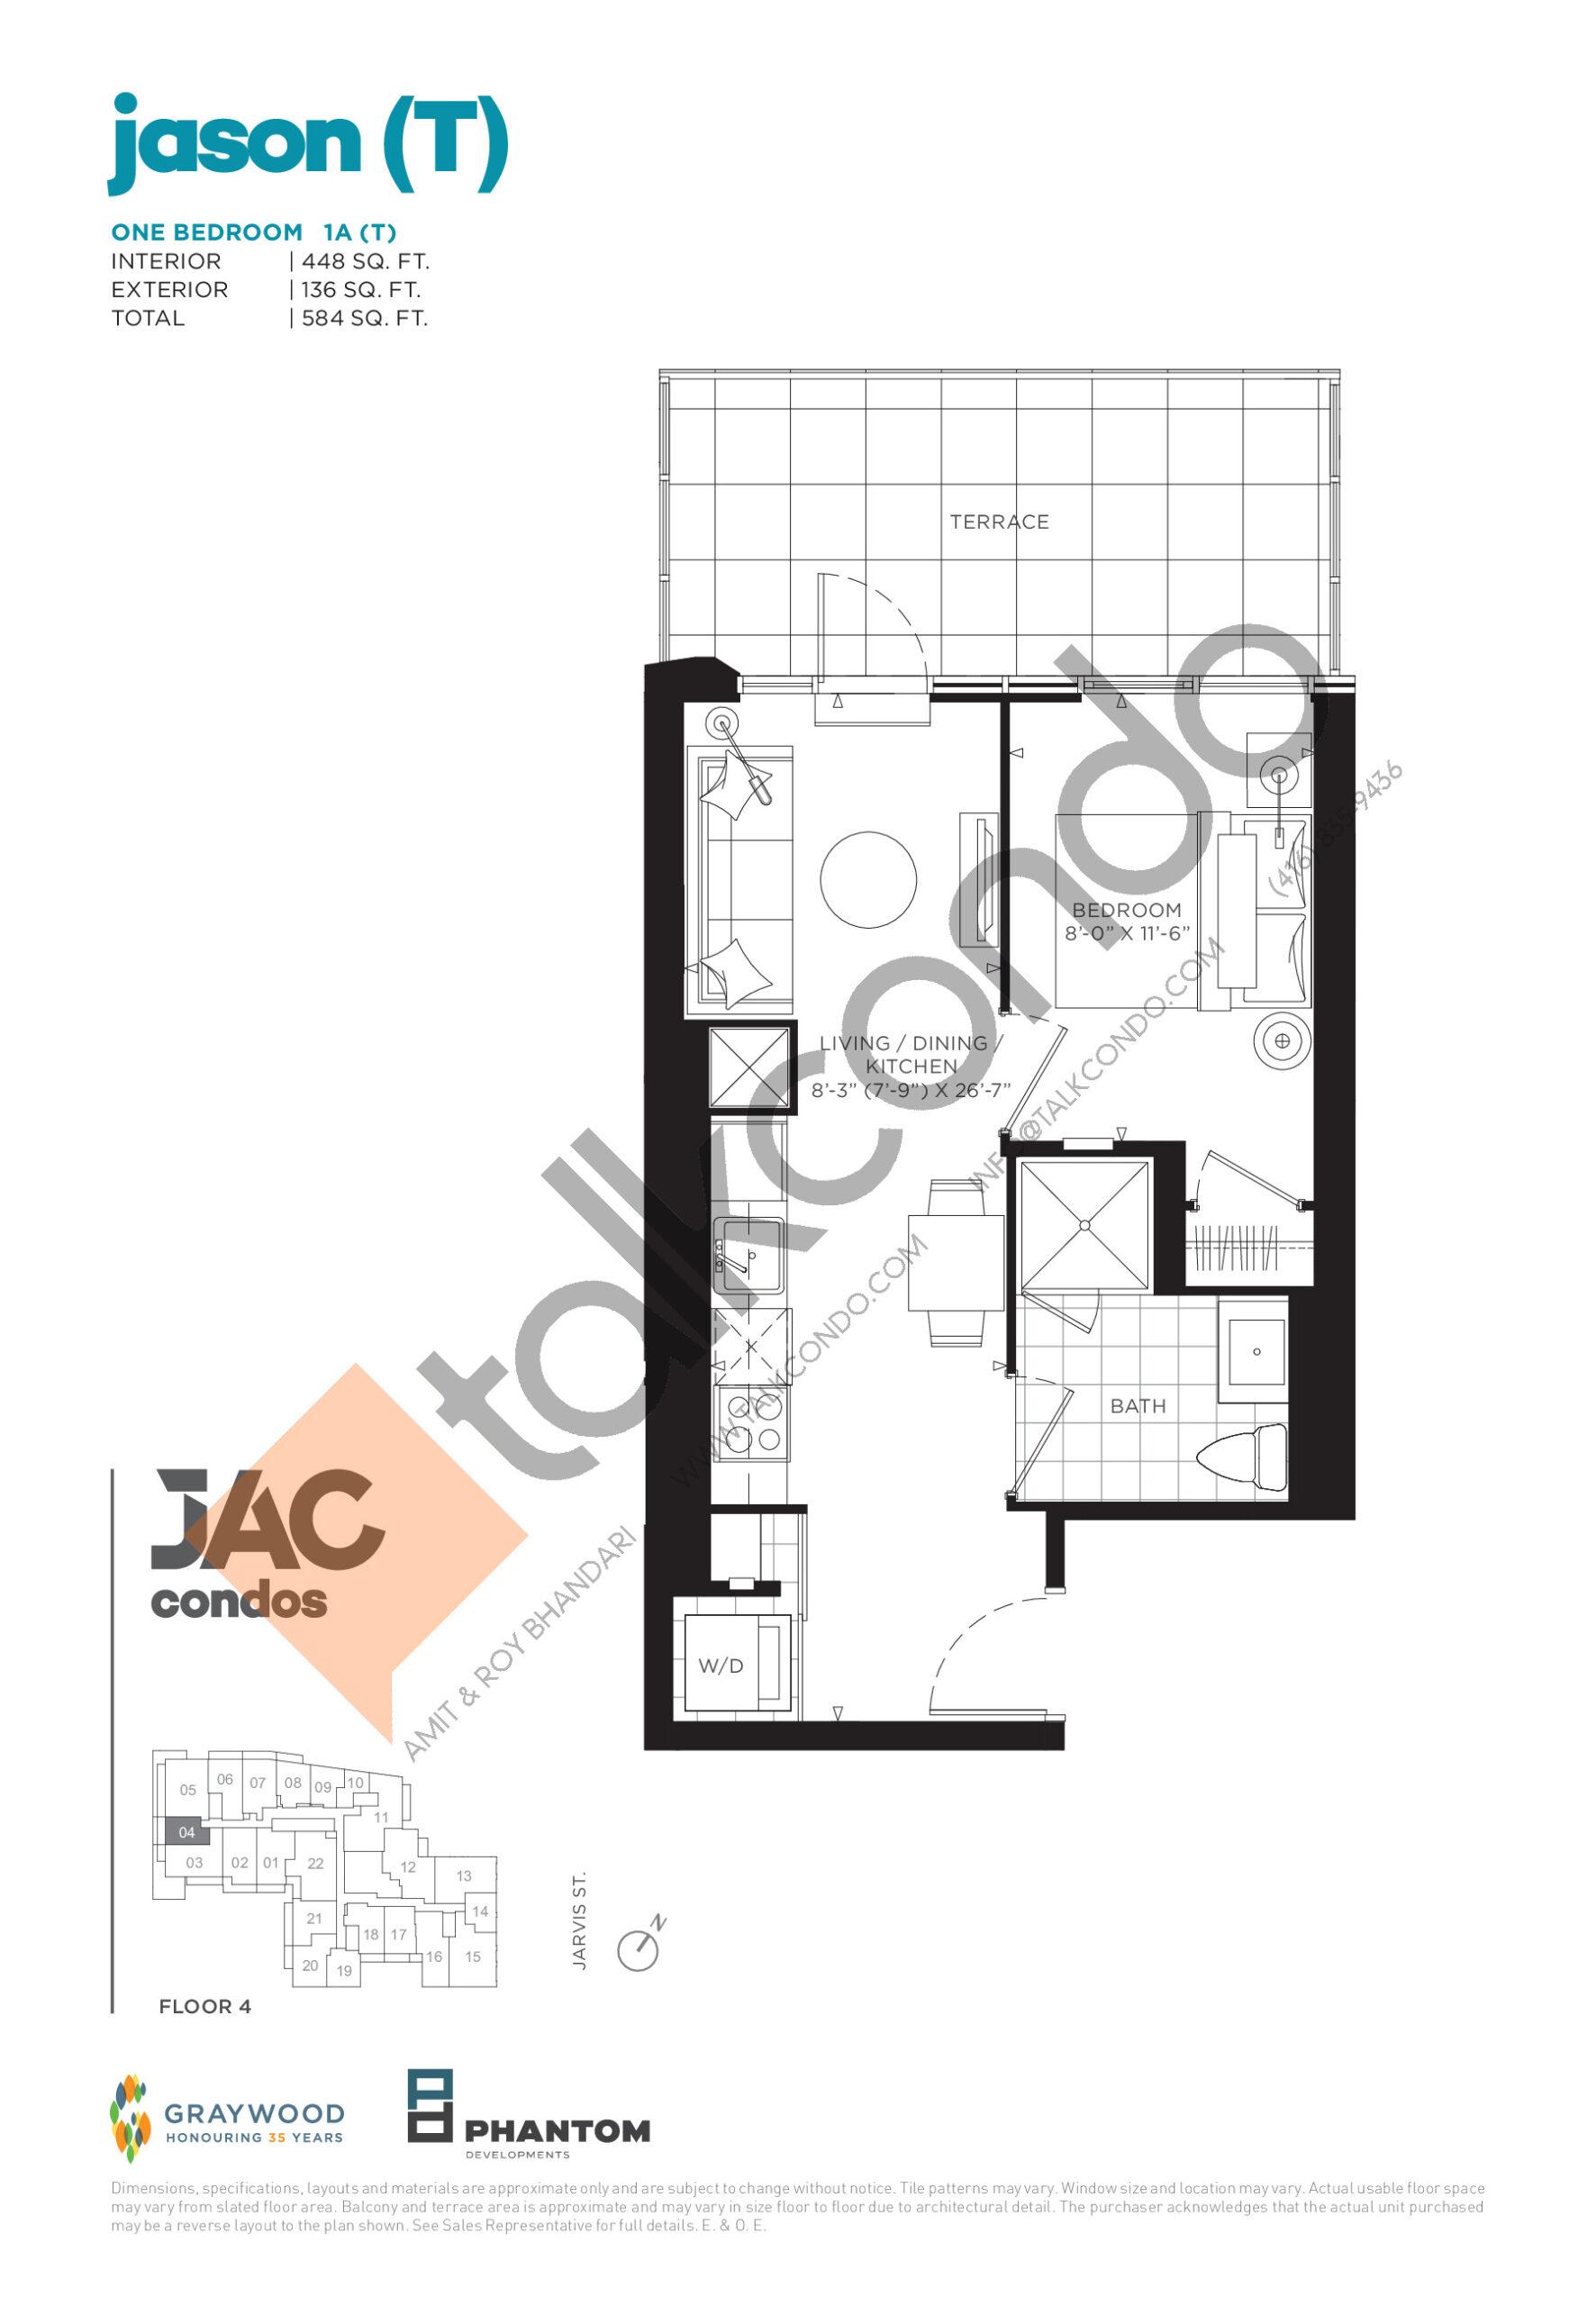 Jason (T) Floor Plan at JAC Condos - 448 sq.ft